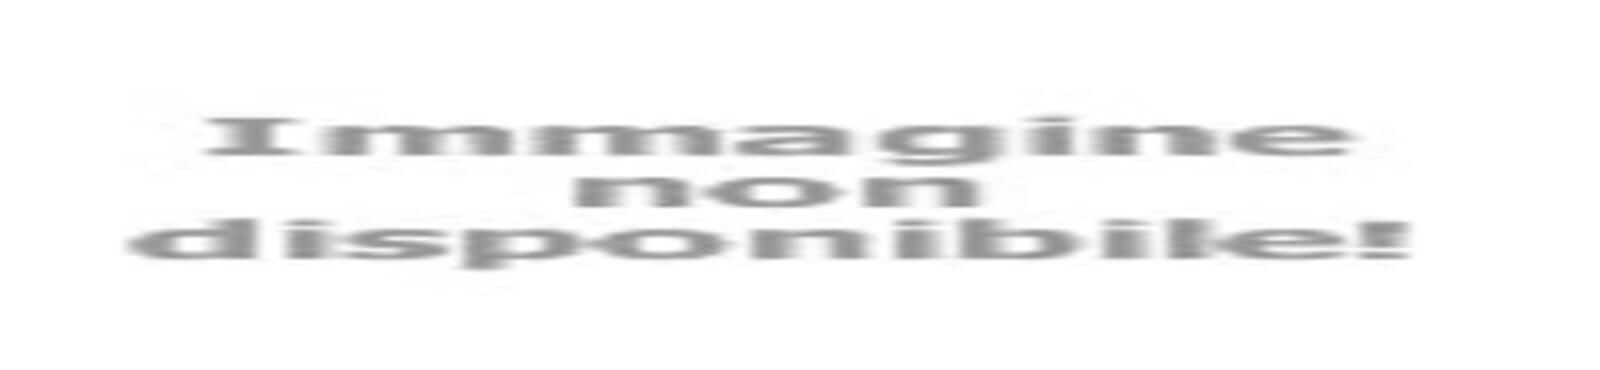 petronianaviaggi it le-meraviglie-dei-colli-friulani-colori-profumi-sapori-dal-30-ottobre-al-1-novembre-2020-v329 002